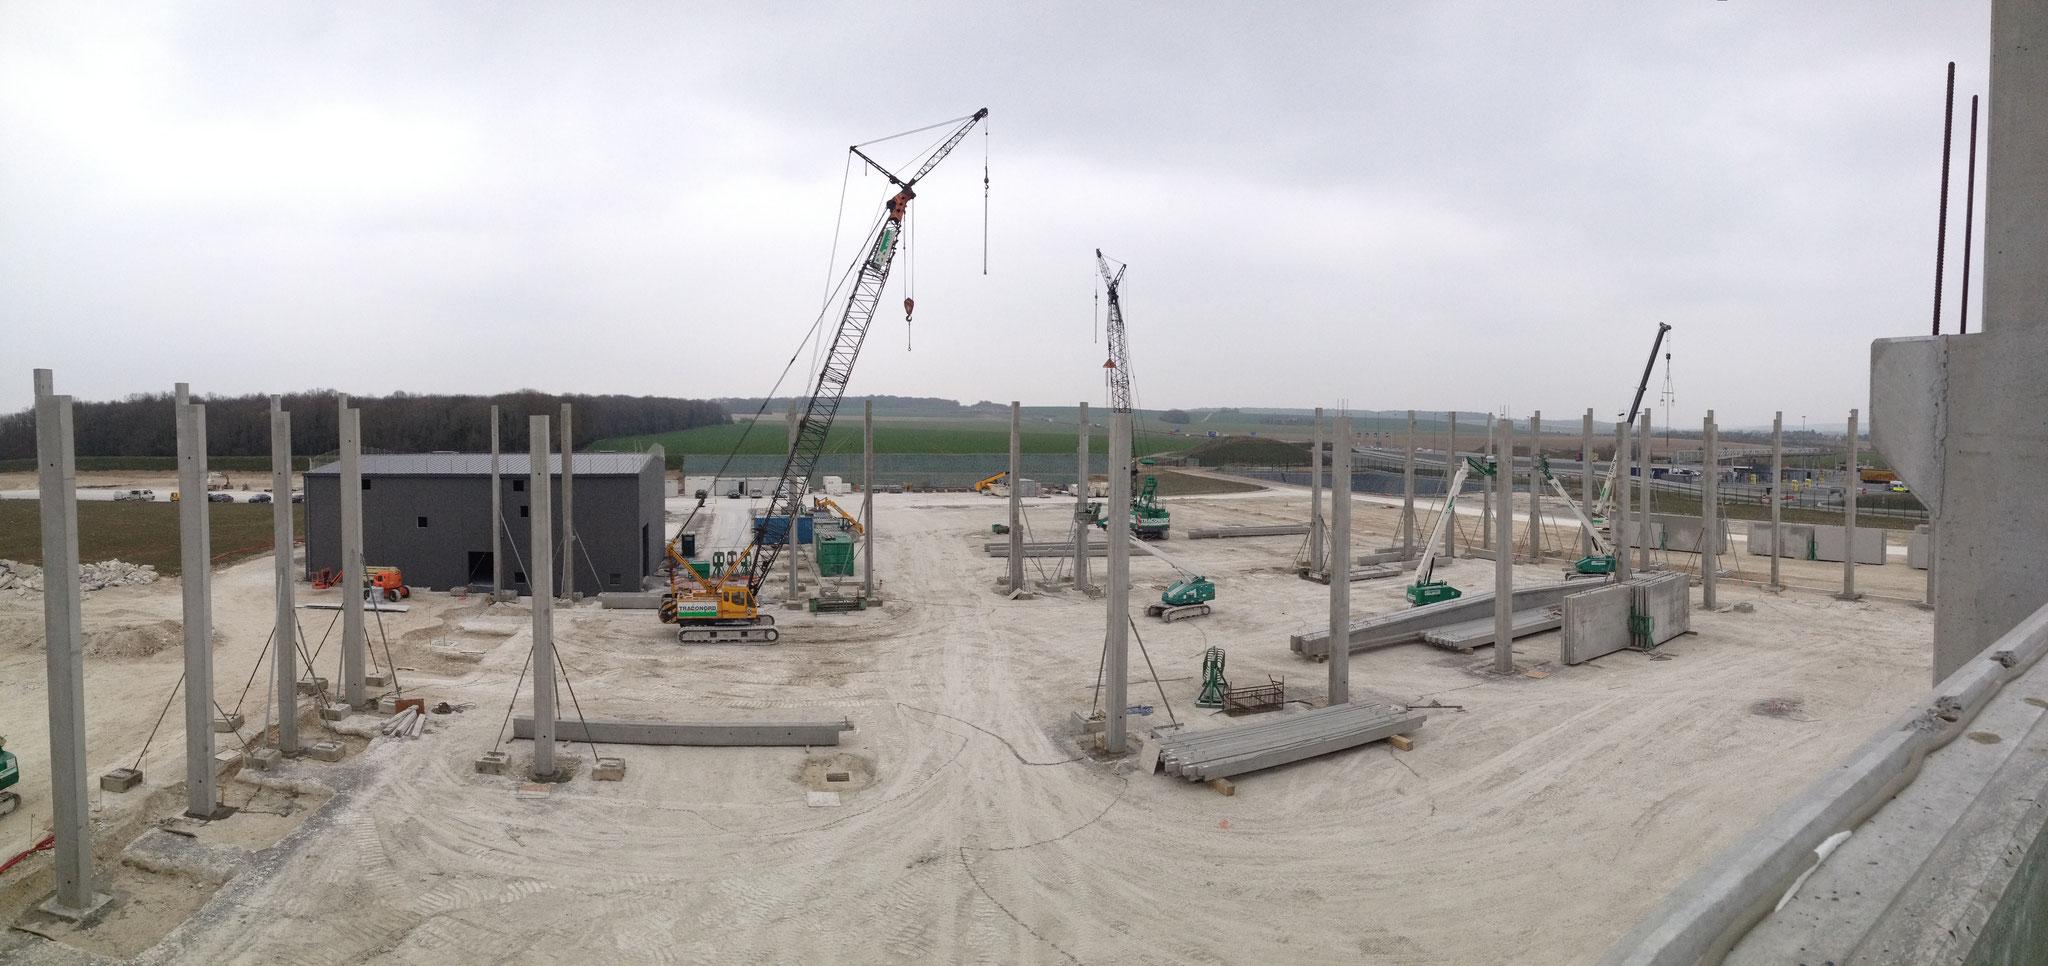 Site industriel à GLISY. Mission SPS Niveau 2.